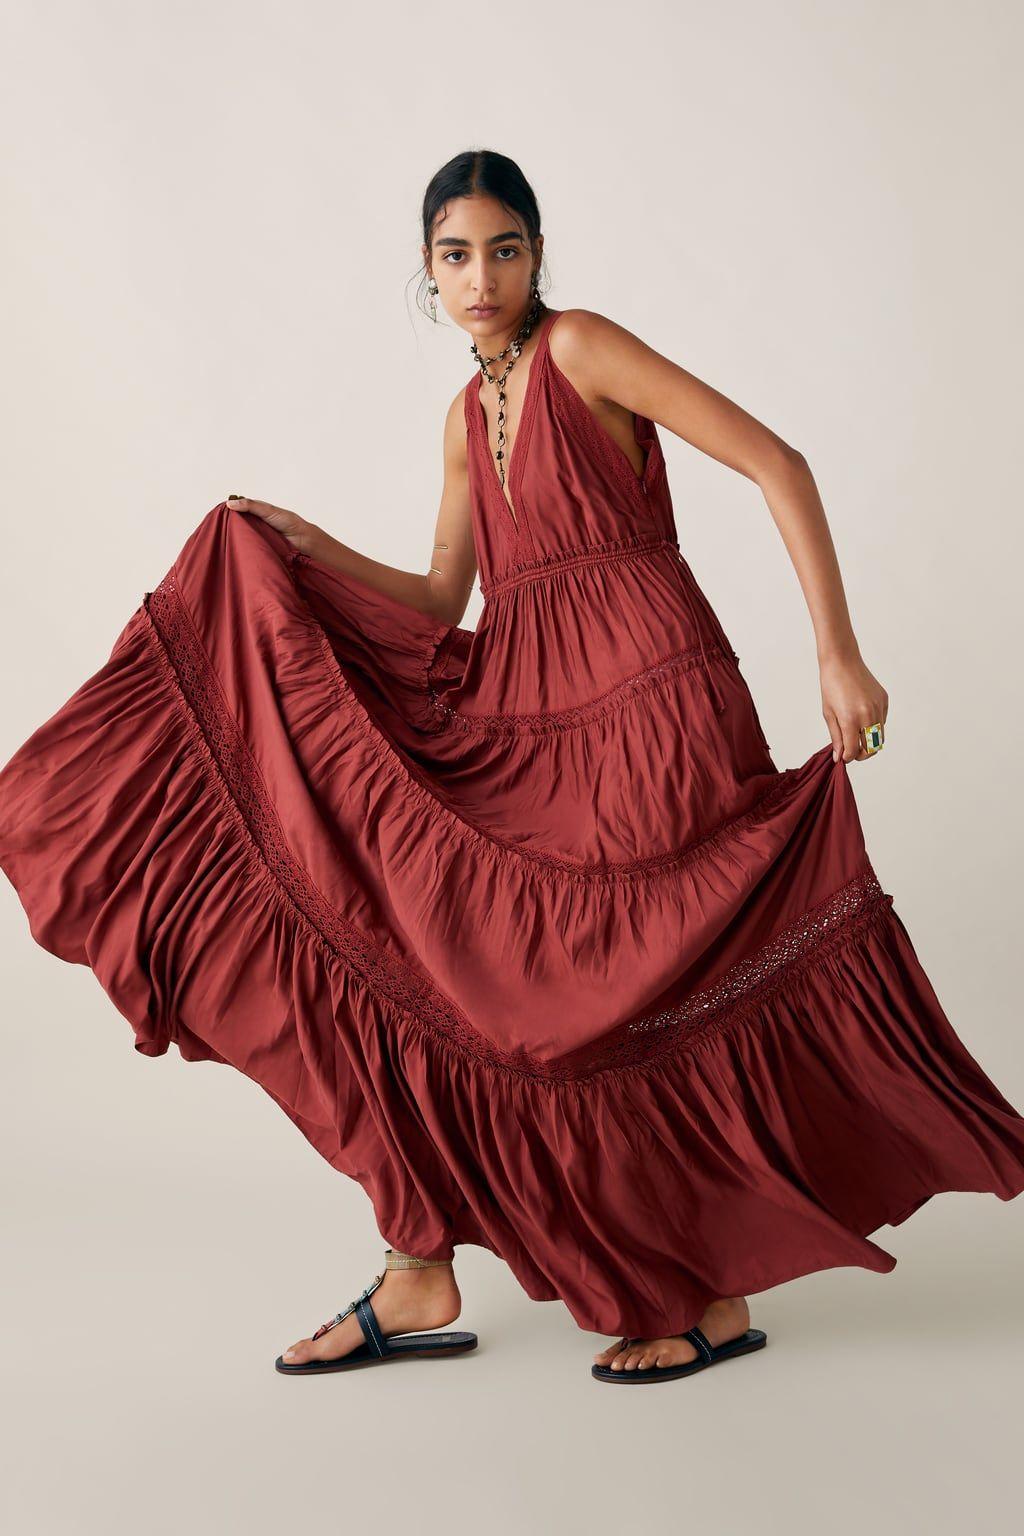 Studio Vestido Bordados Edición Limitada En 2019 Lookbook